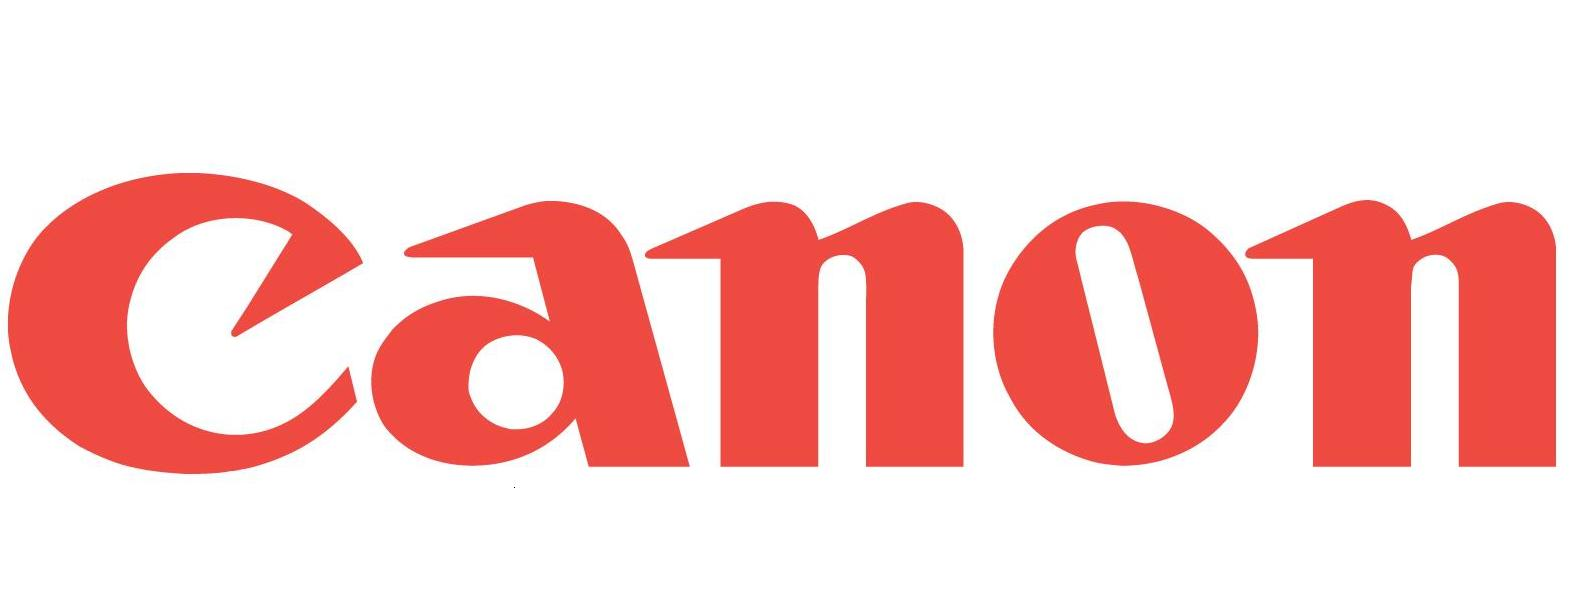 06113282-photo-logo-canon